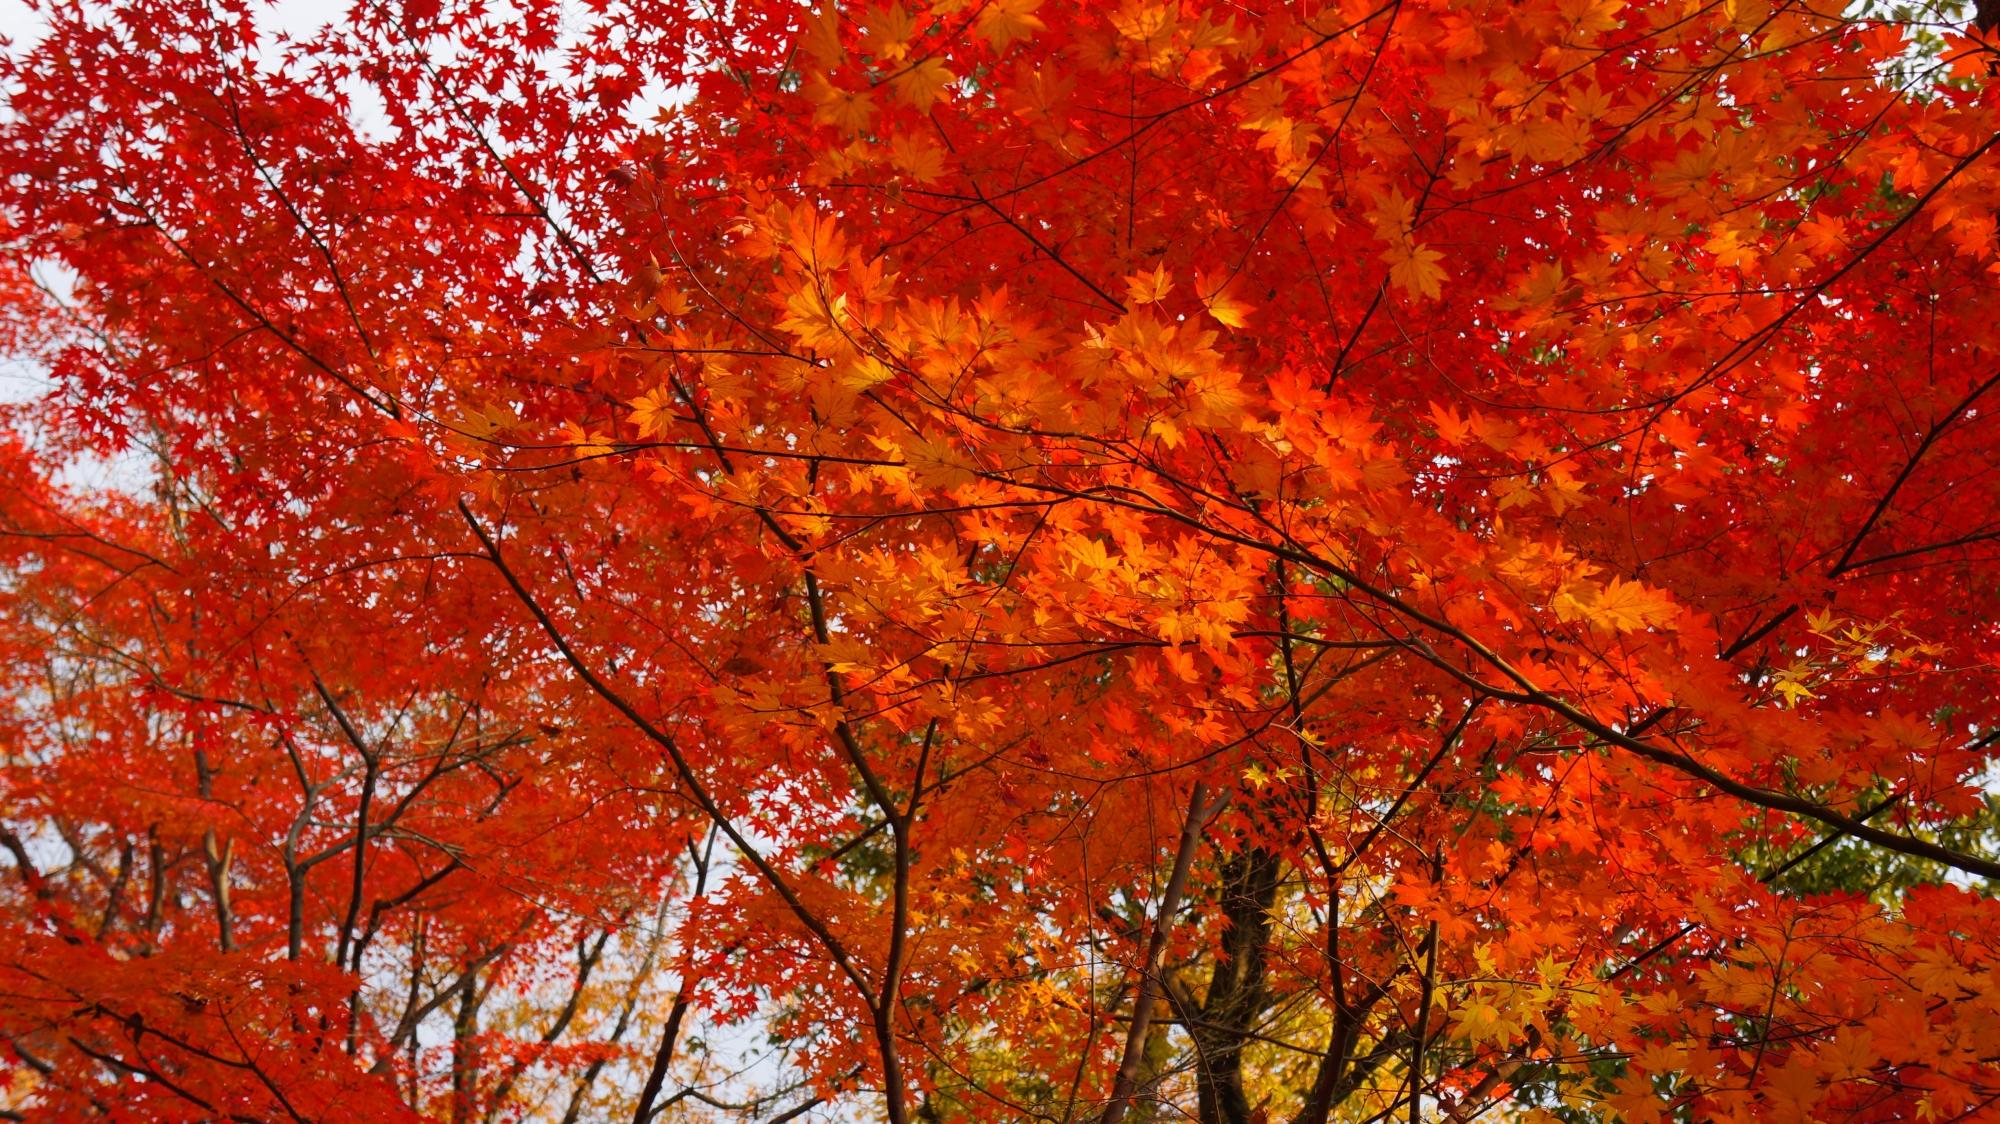 溢れる密度の濃い紅葉